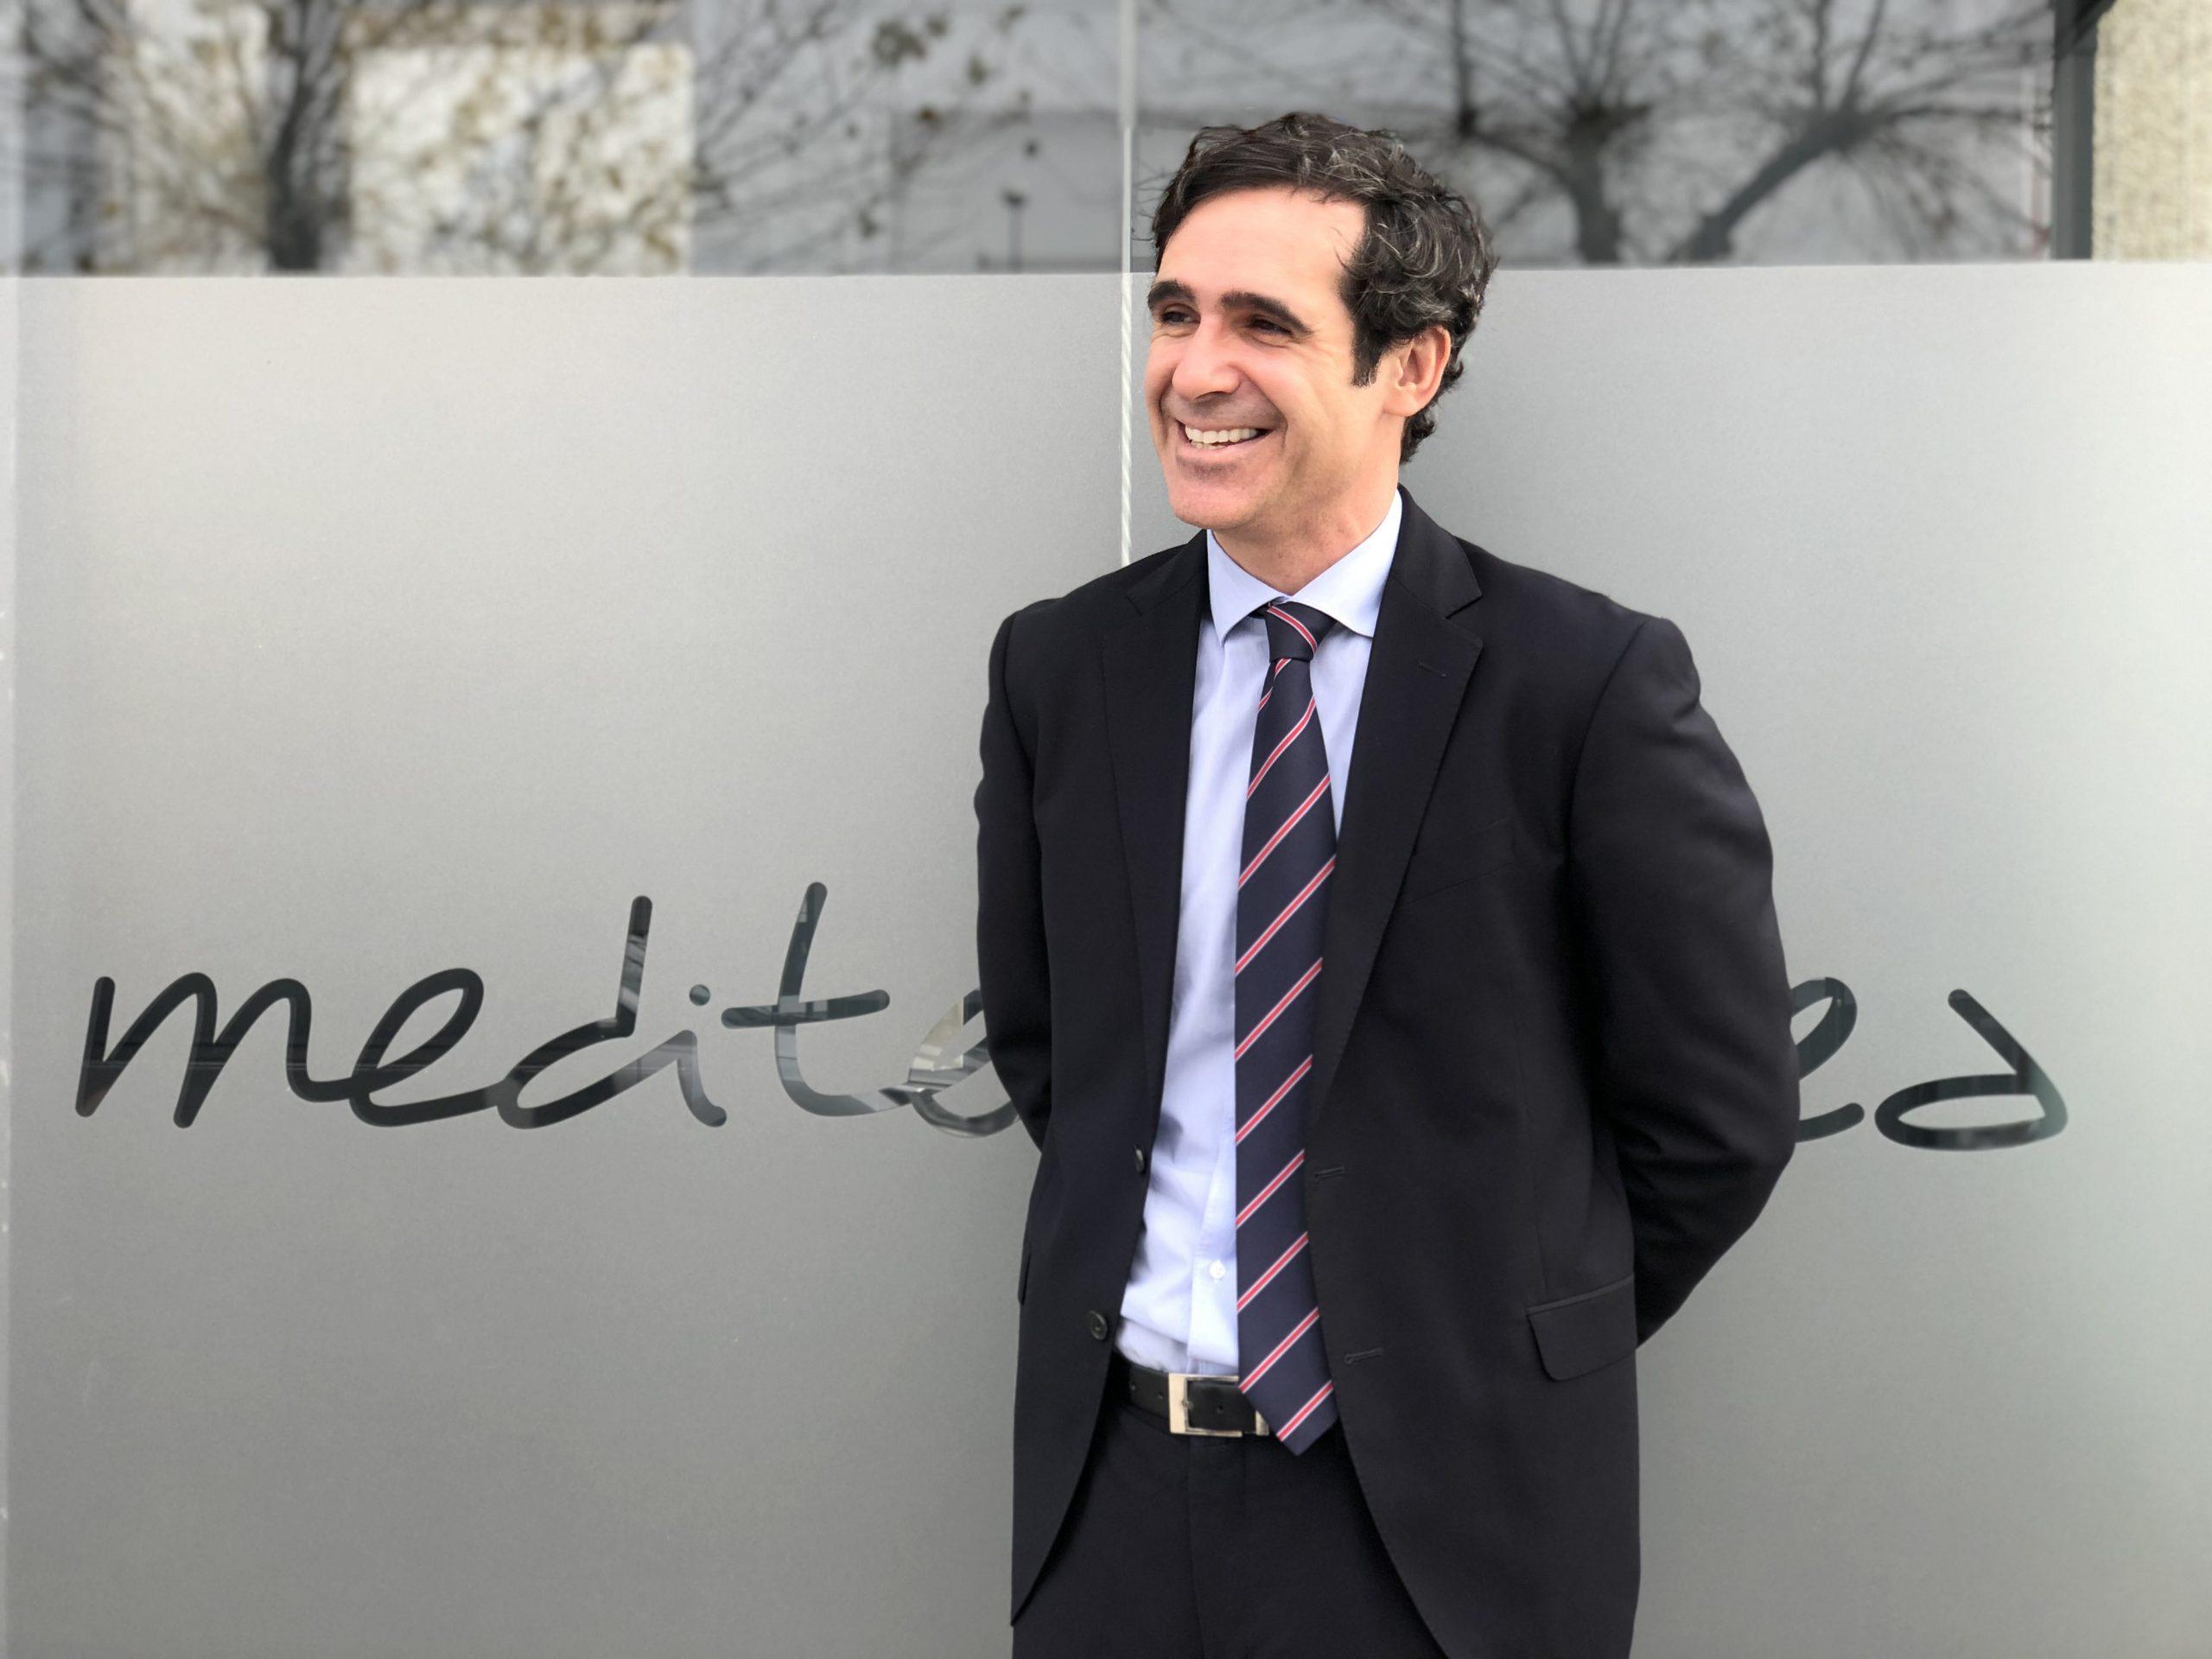 El Publicista entrevista a nuestro director de Marketing y Comunicación, Nicolás Llagostera